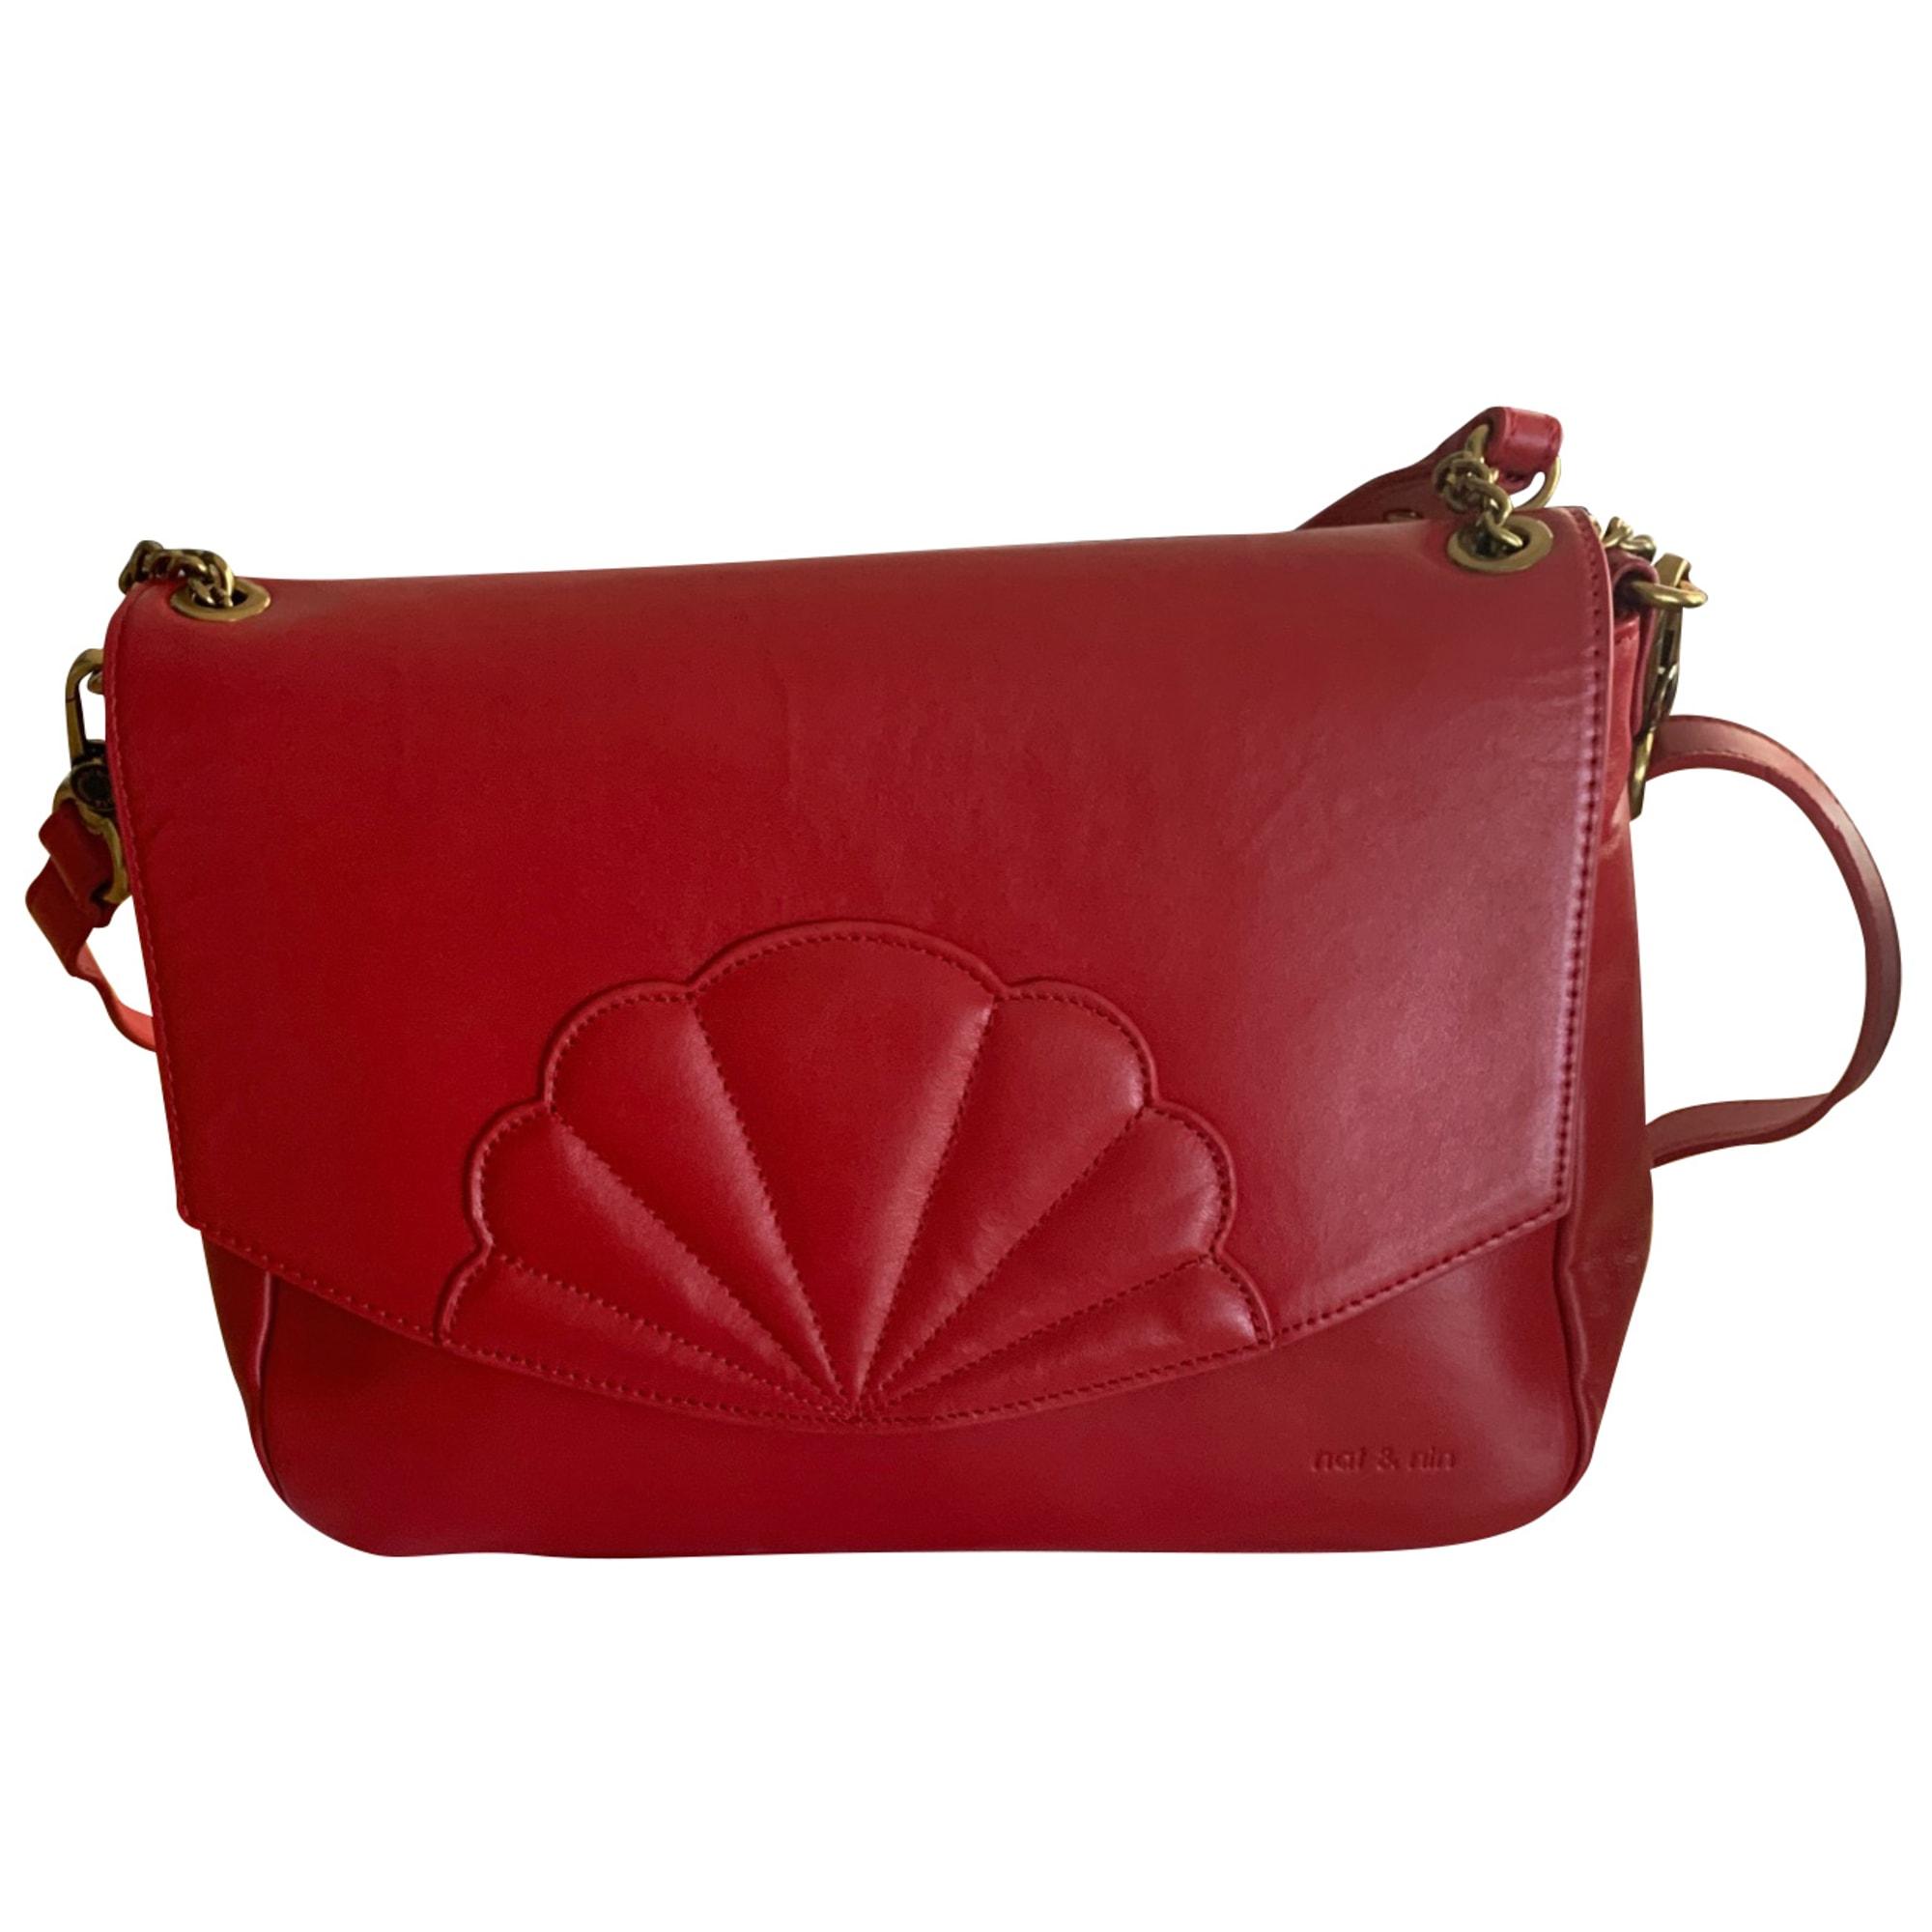 Lederhandtasche NAT & NIN Rot, bordeauxrot